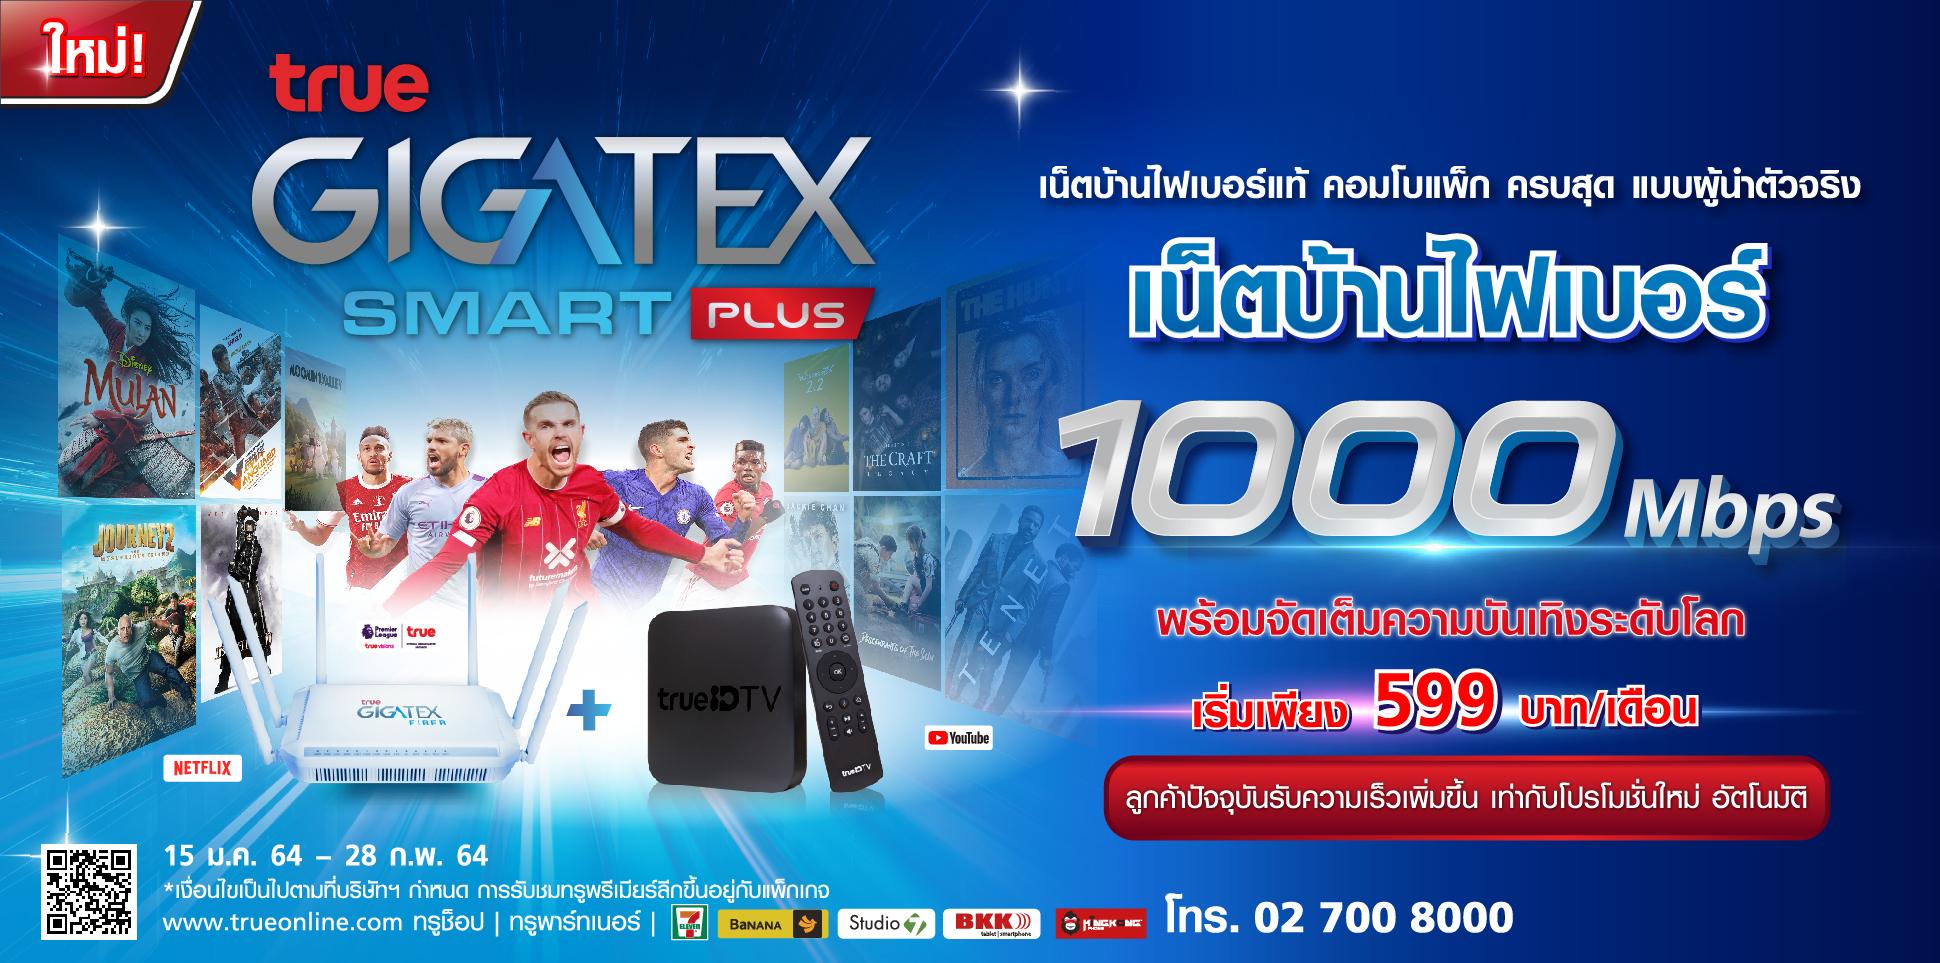 แพ็กเกจใหม่ True Gigatex Smart Plus 1,000 Mbps คอมโบแพ็ก เริ่มเพียง 599 บาท/เดือน พร้อมปรับเพิ่มสปีดให้ลูกค้าอัตโนมัติ